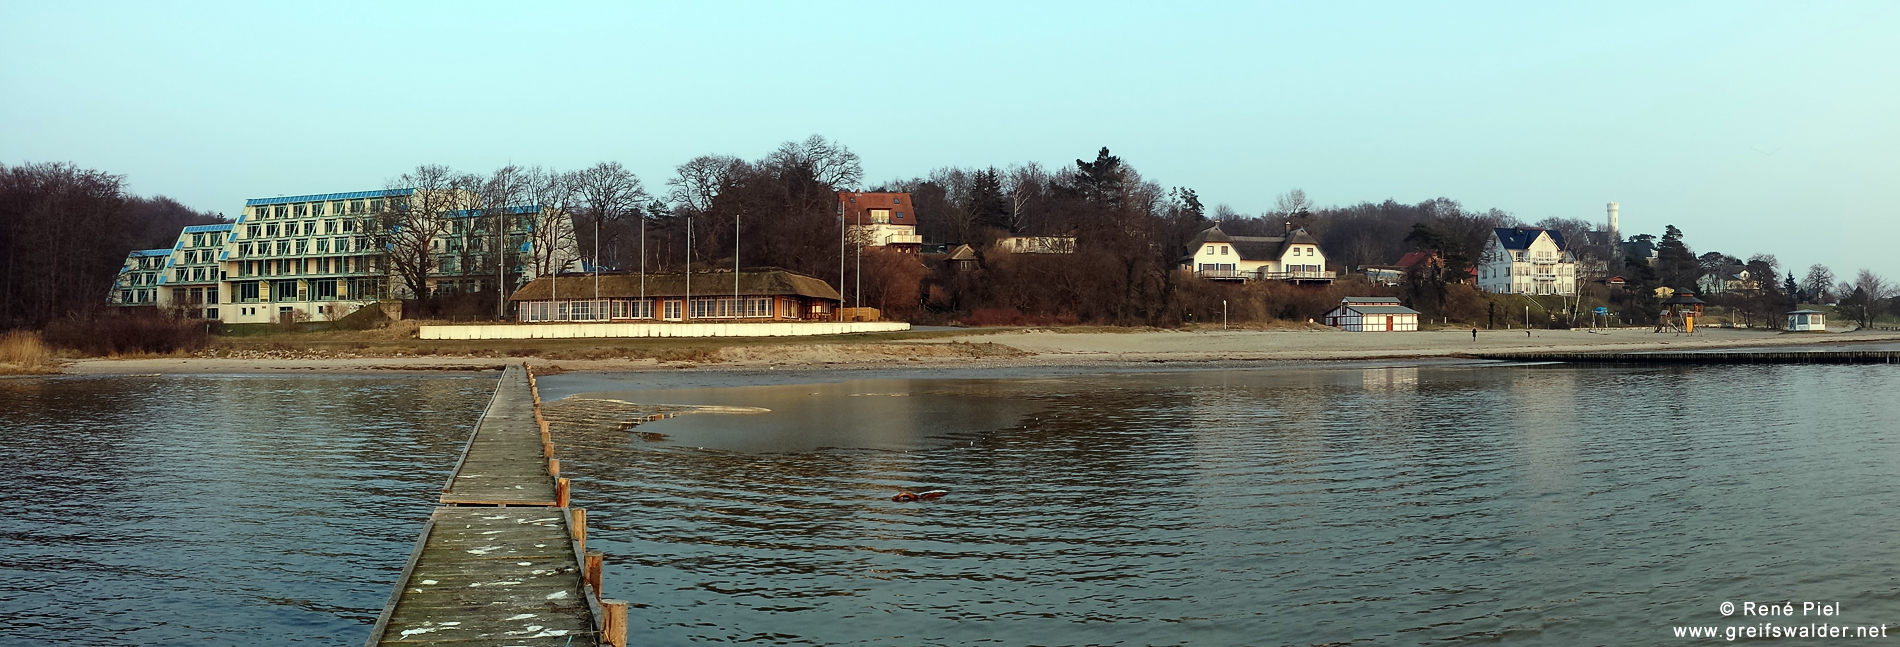 Panorama - Lietzow (Kleiner Jasmunder Bodden)